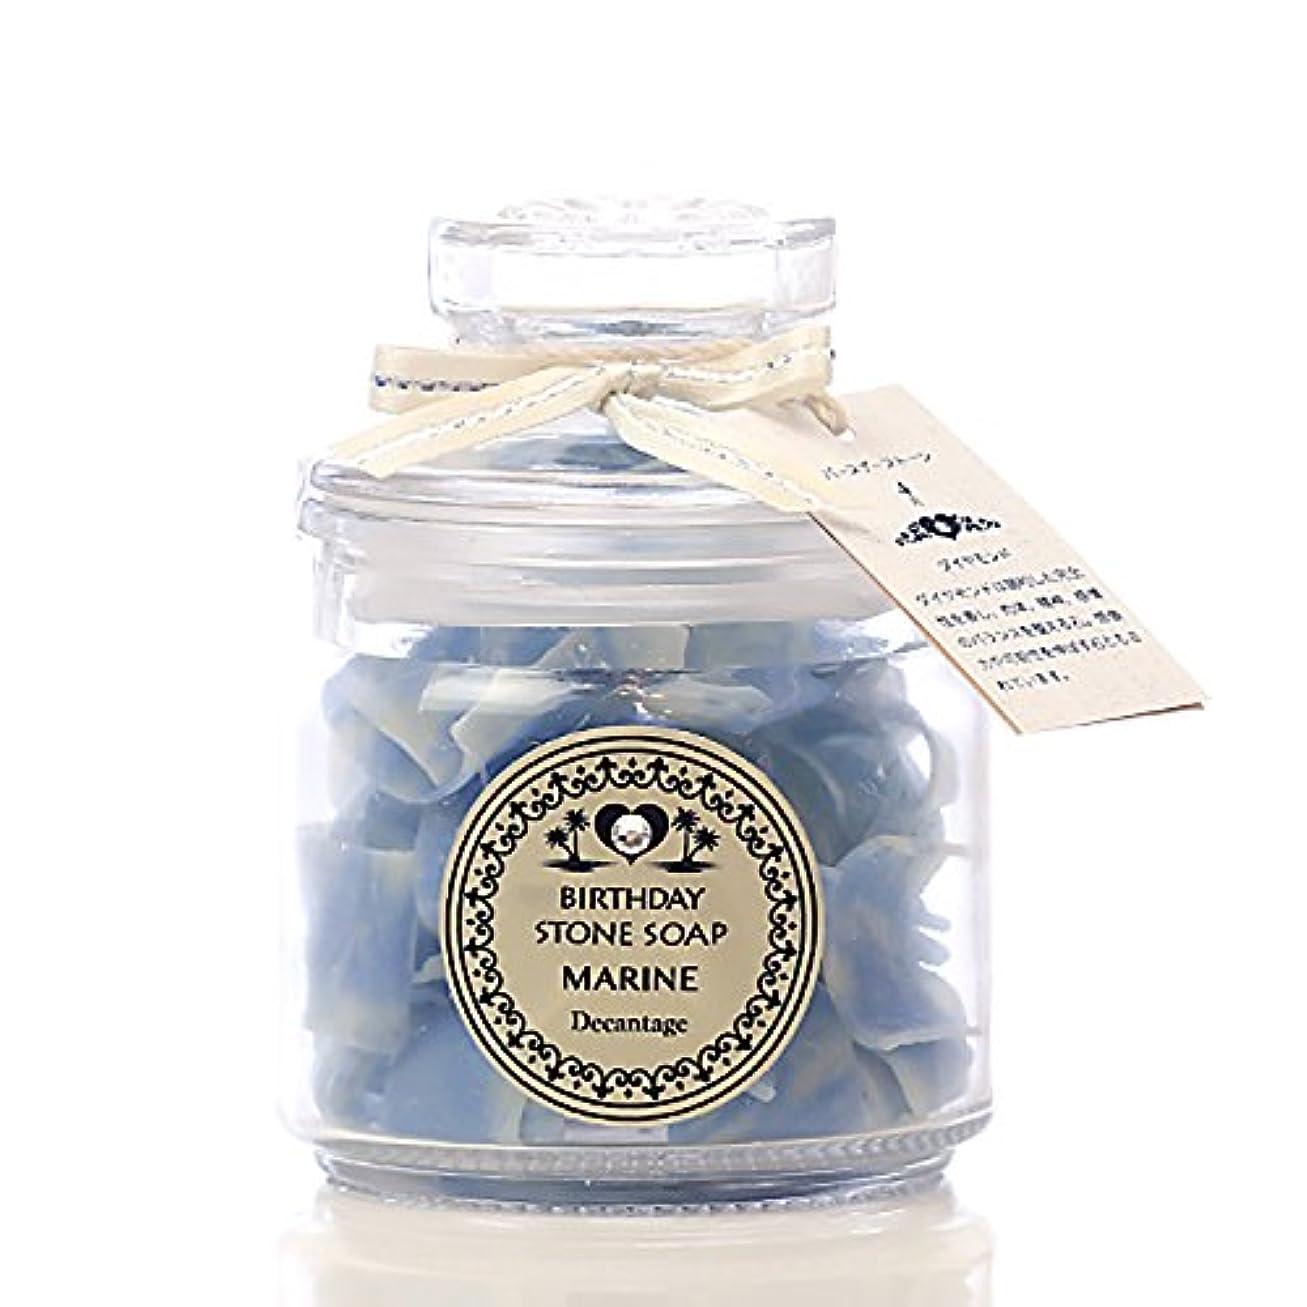 広くアンティーク進むバースデーストーンソープ マリン(プレミアム) (4月)ダイヤモンド (プルメリアの香り)